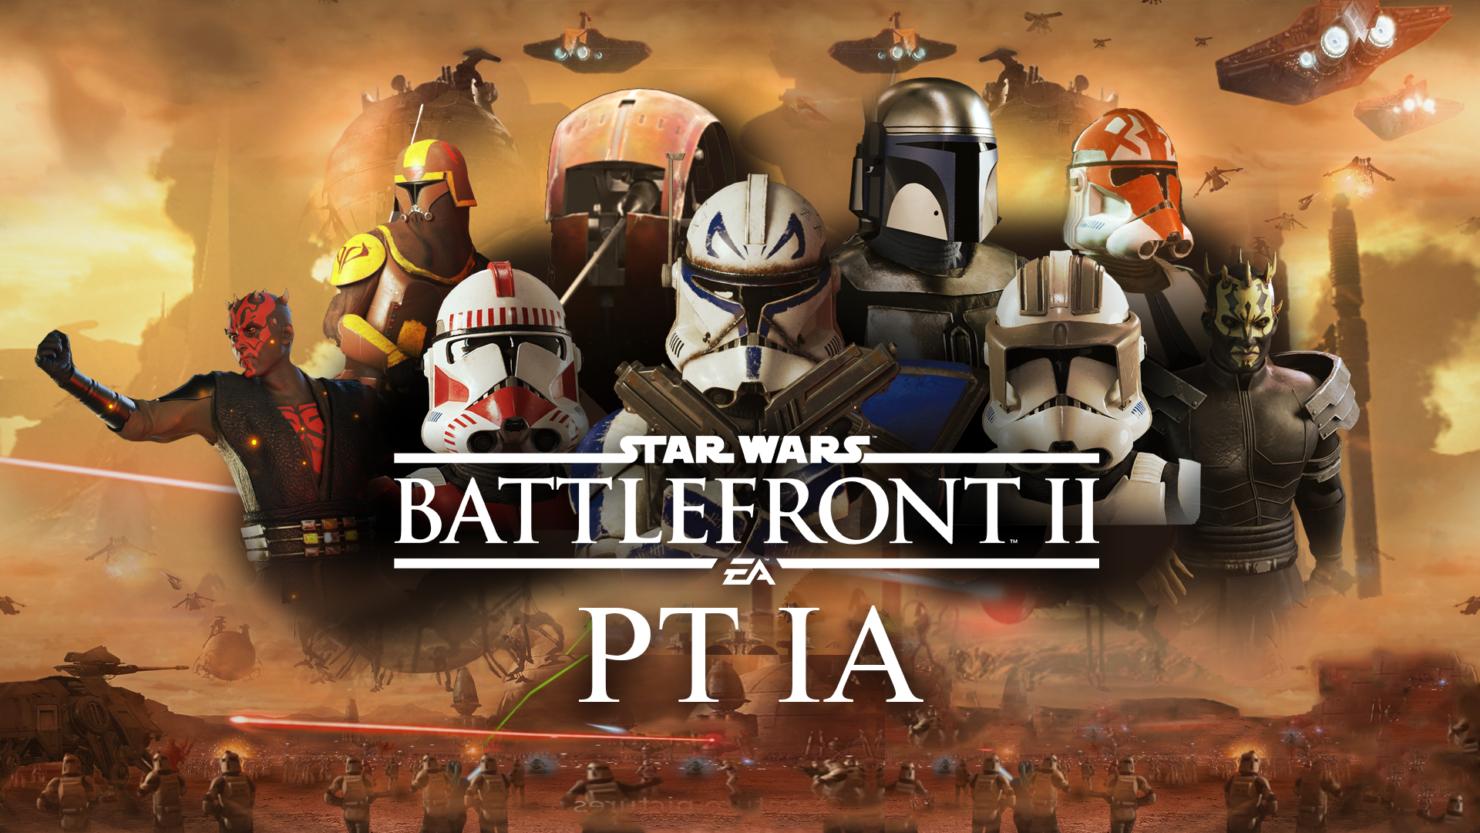 Star Wars Battlefront II Prequel mod 6